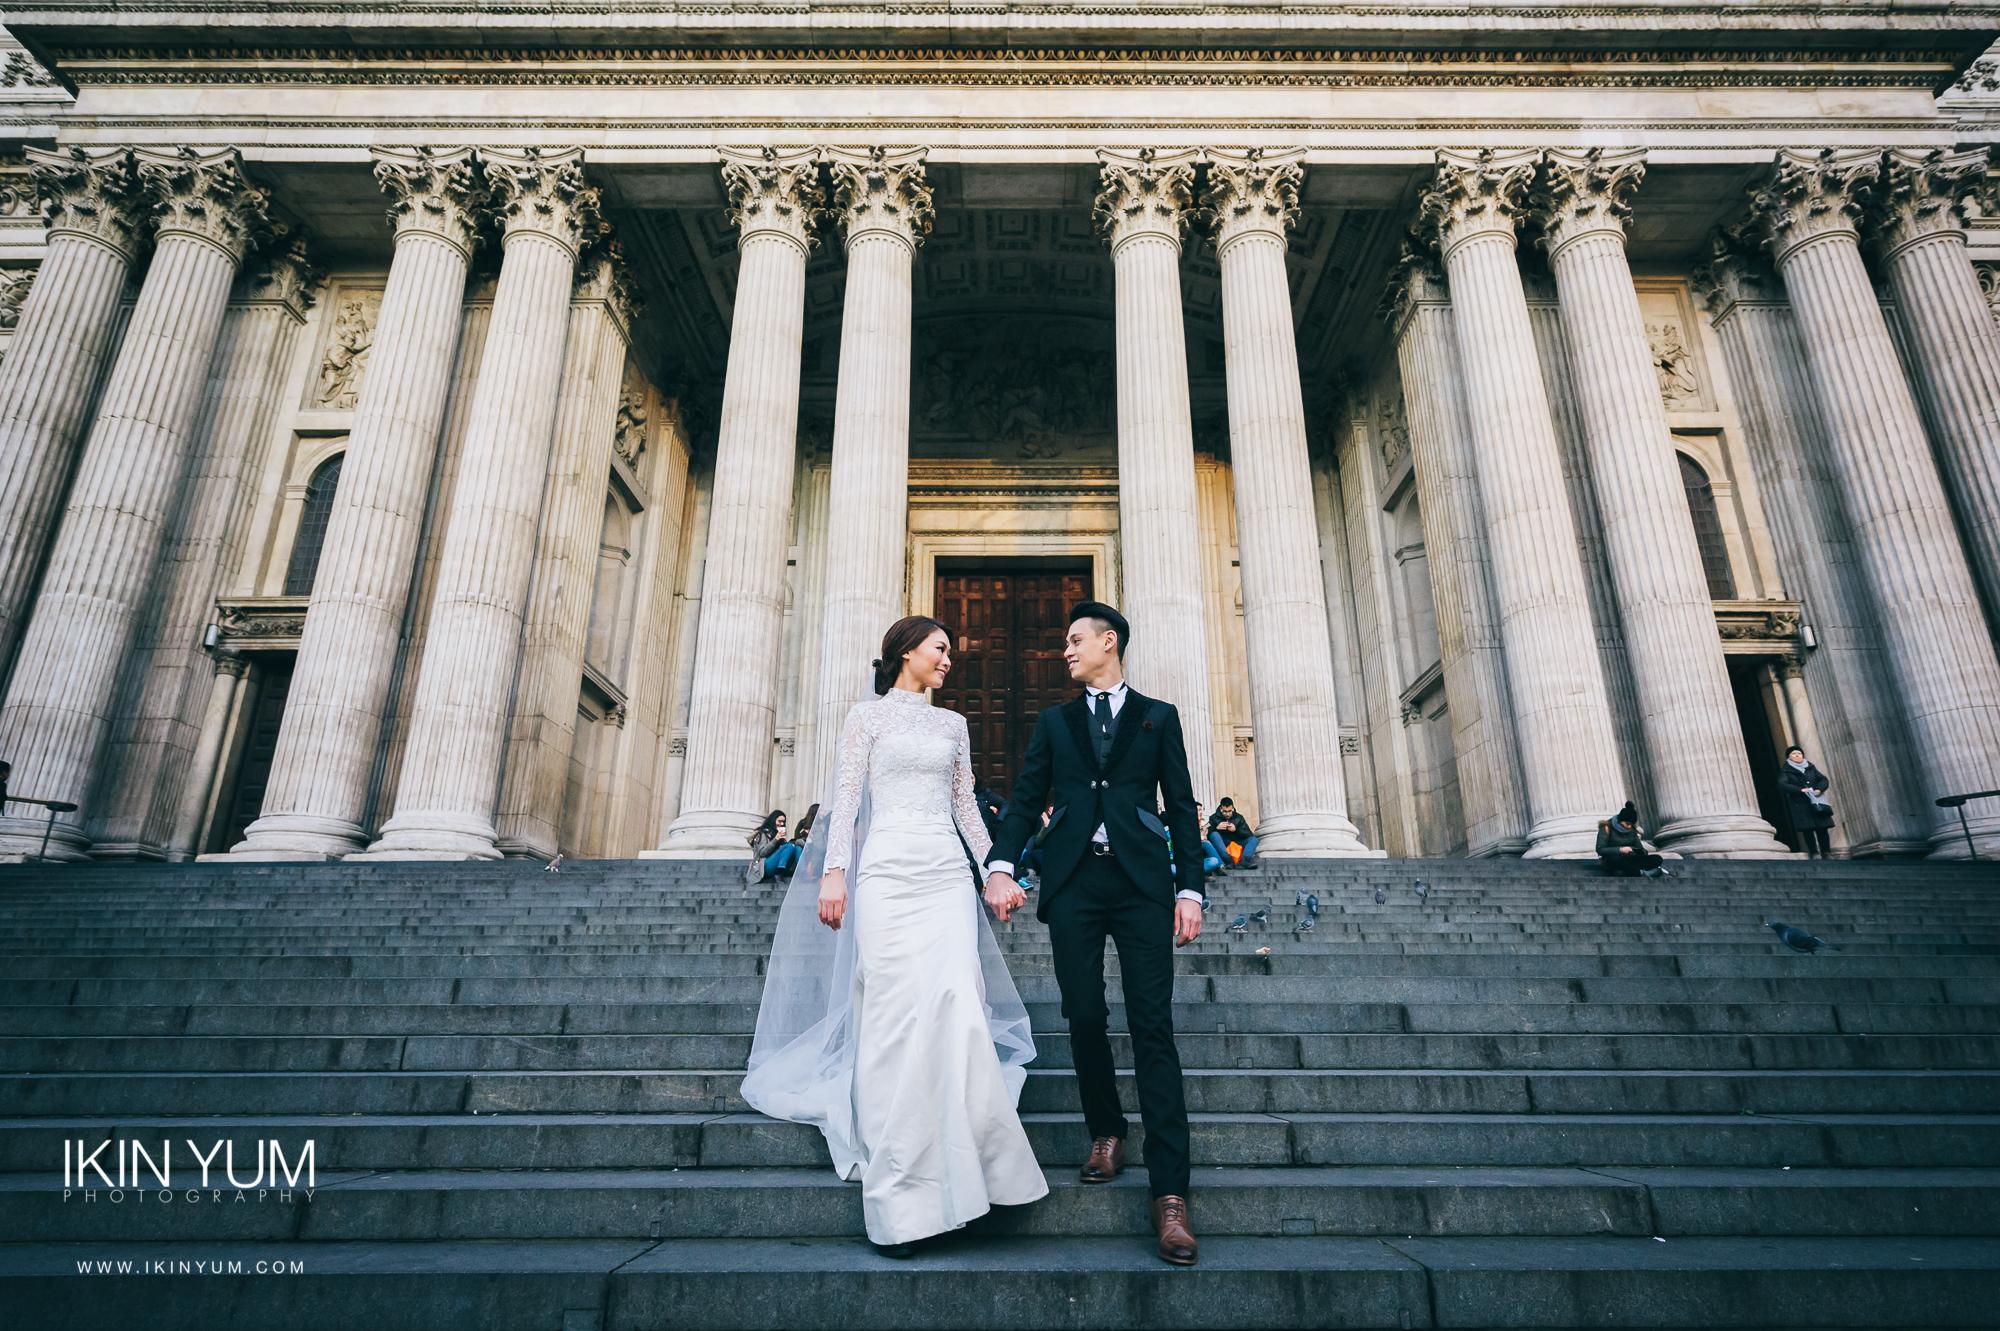 Pre-Wedding Shoot London Zann + Danny - Ikin Yum Photography-044.jpg